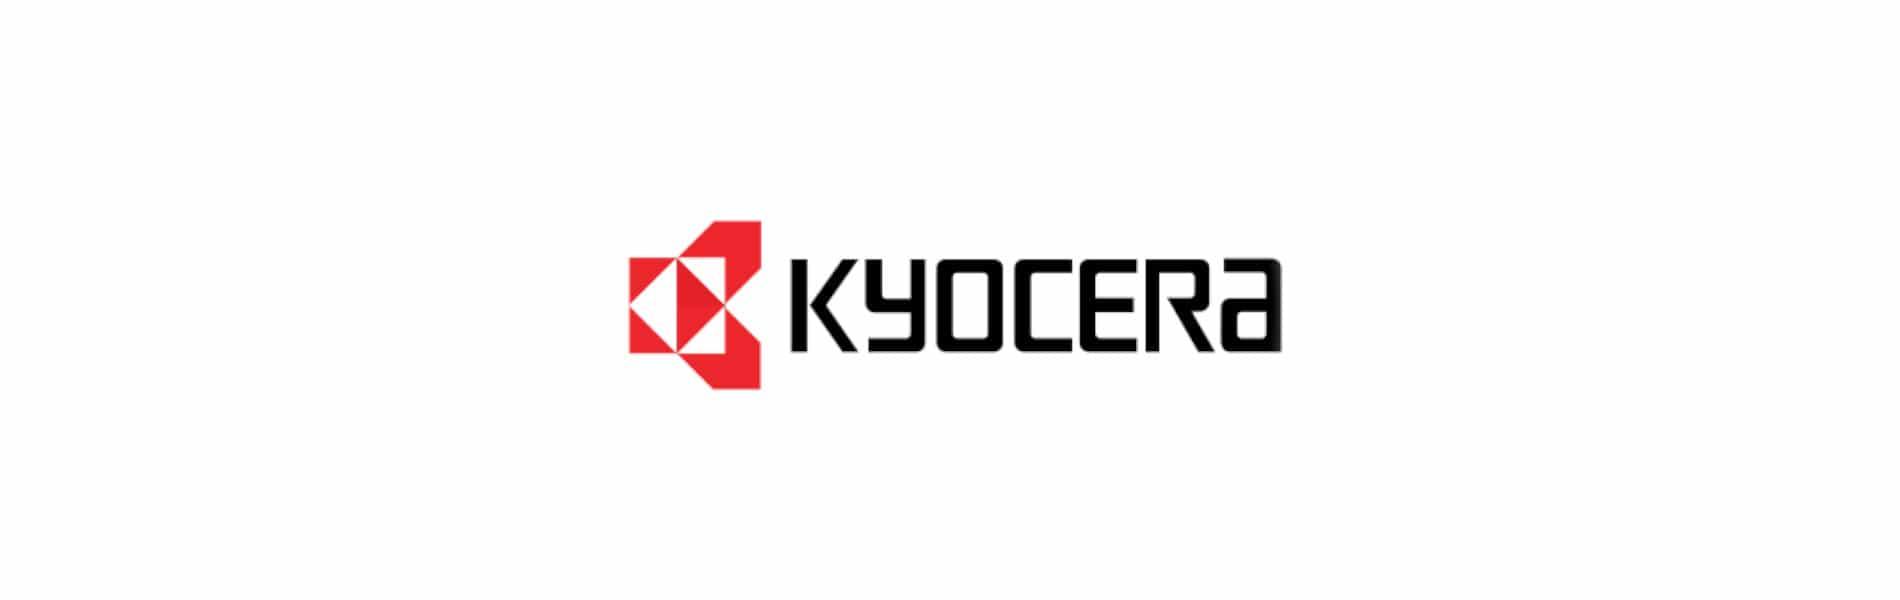 Kyocera gehört zu einer der weltweit führenden Anbieter von Drucker und Kopierer